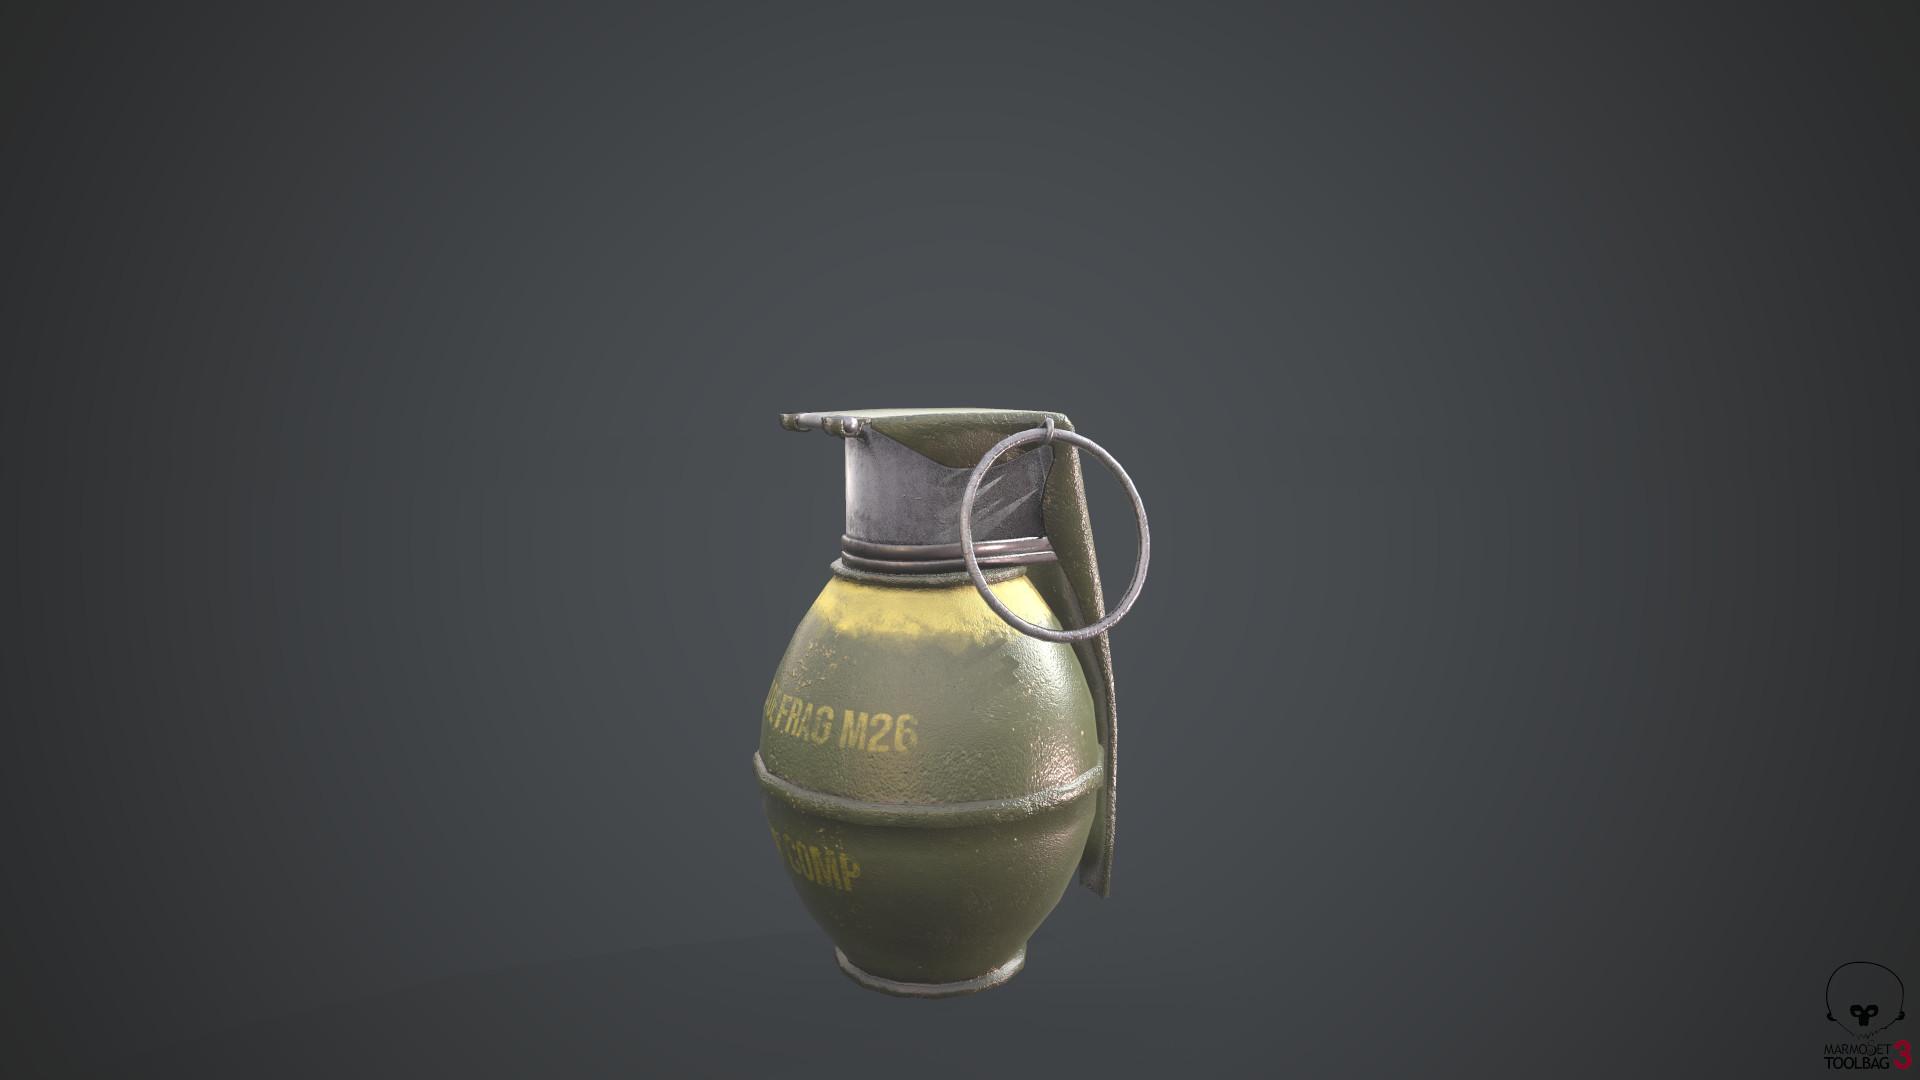 Serdar cendik grenade